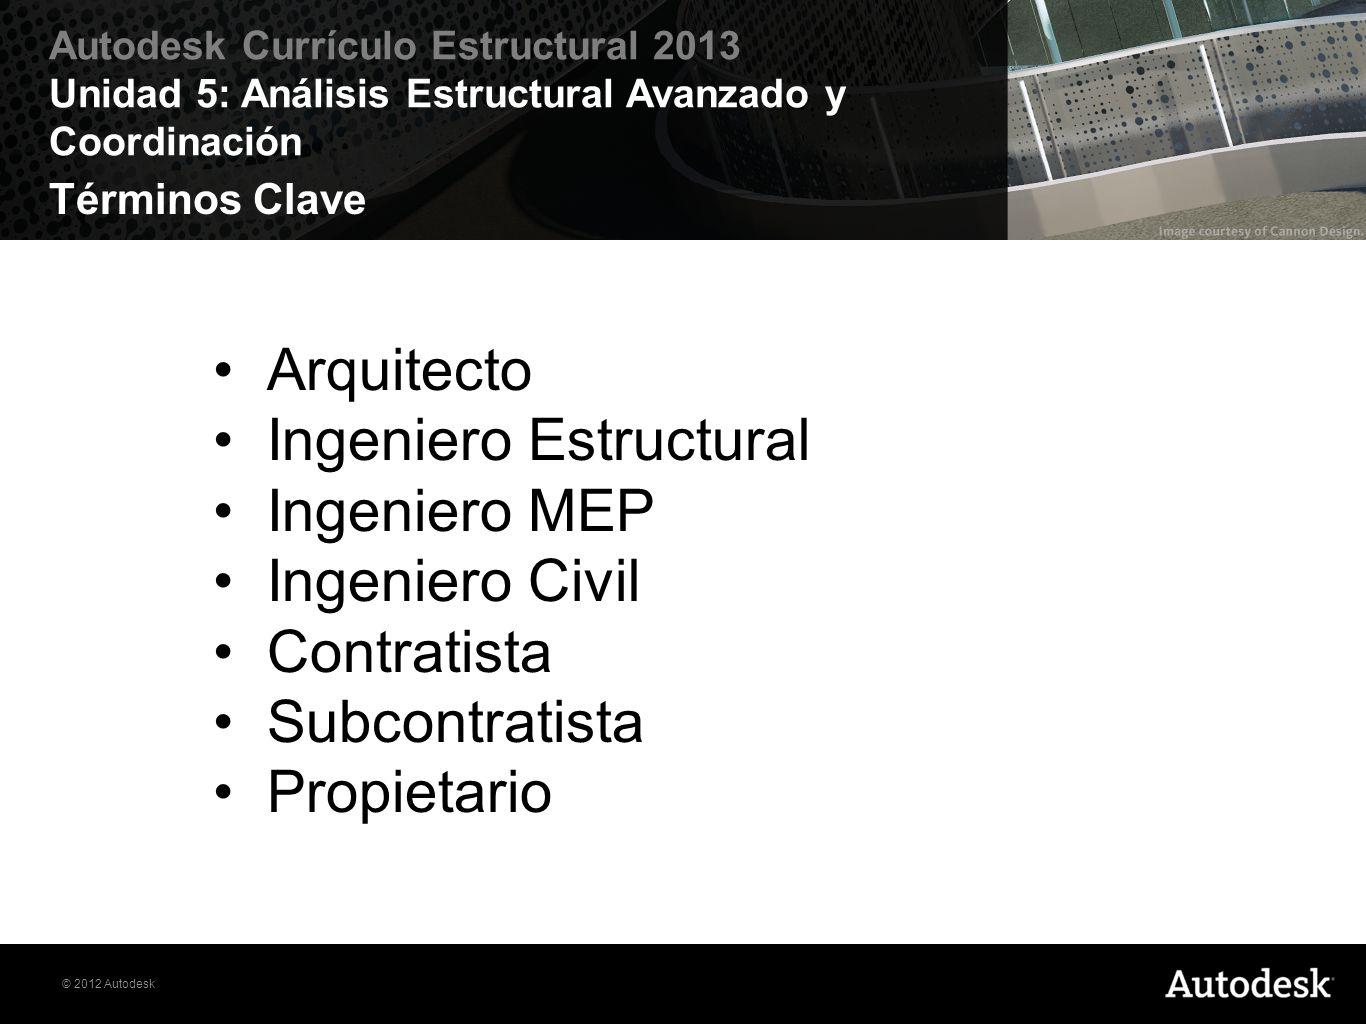 © 2012 Autodesk Autodesk Currículo Estructural 2013 Unidad 5: Análisis Estructural Avanzado y Coordinación Términos Clave Arquitecto Ingeniero Estruct